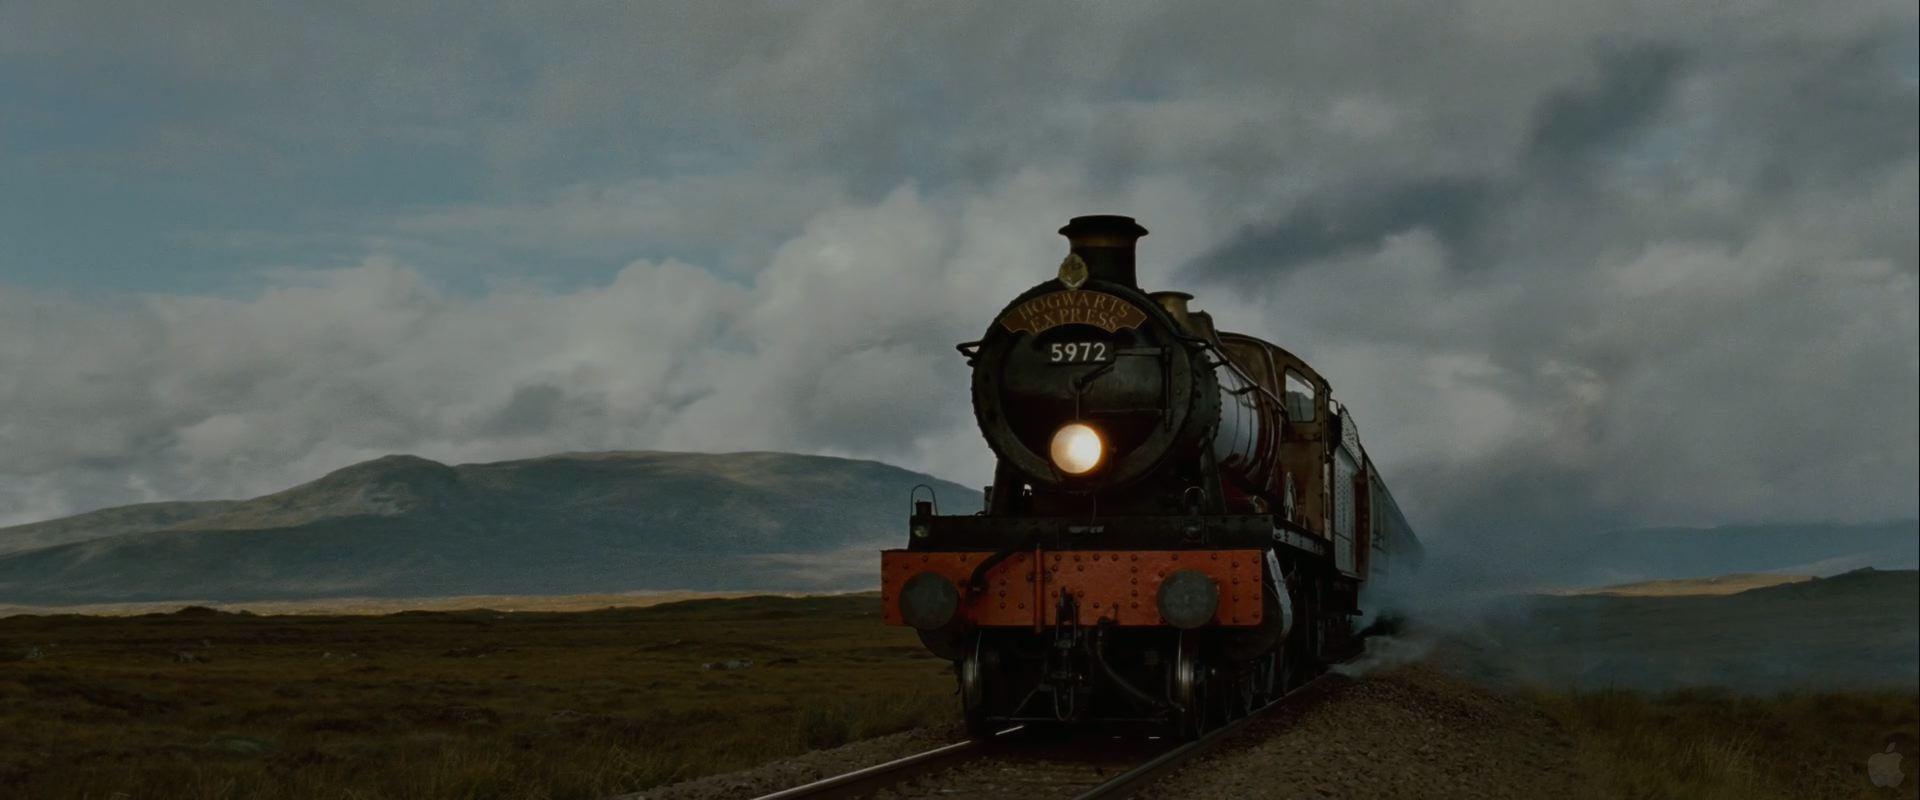 45 Hogwarts Express Wallpaper On Wallpapersafari